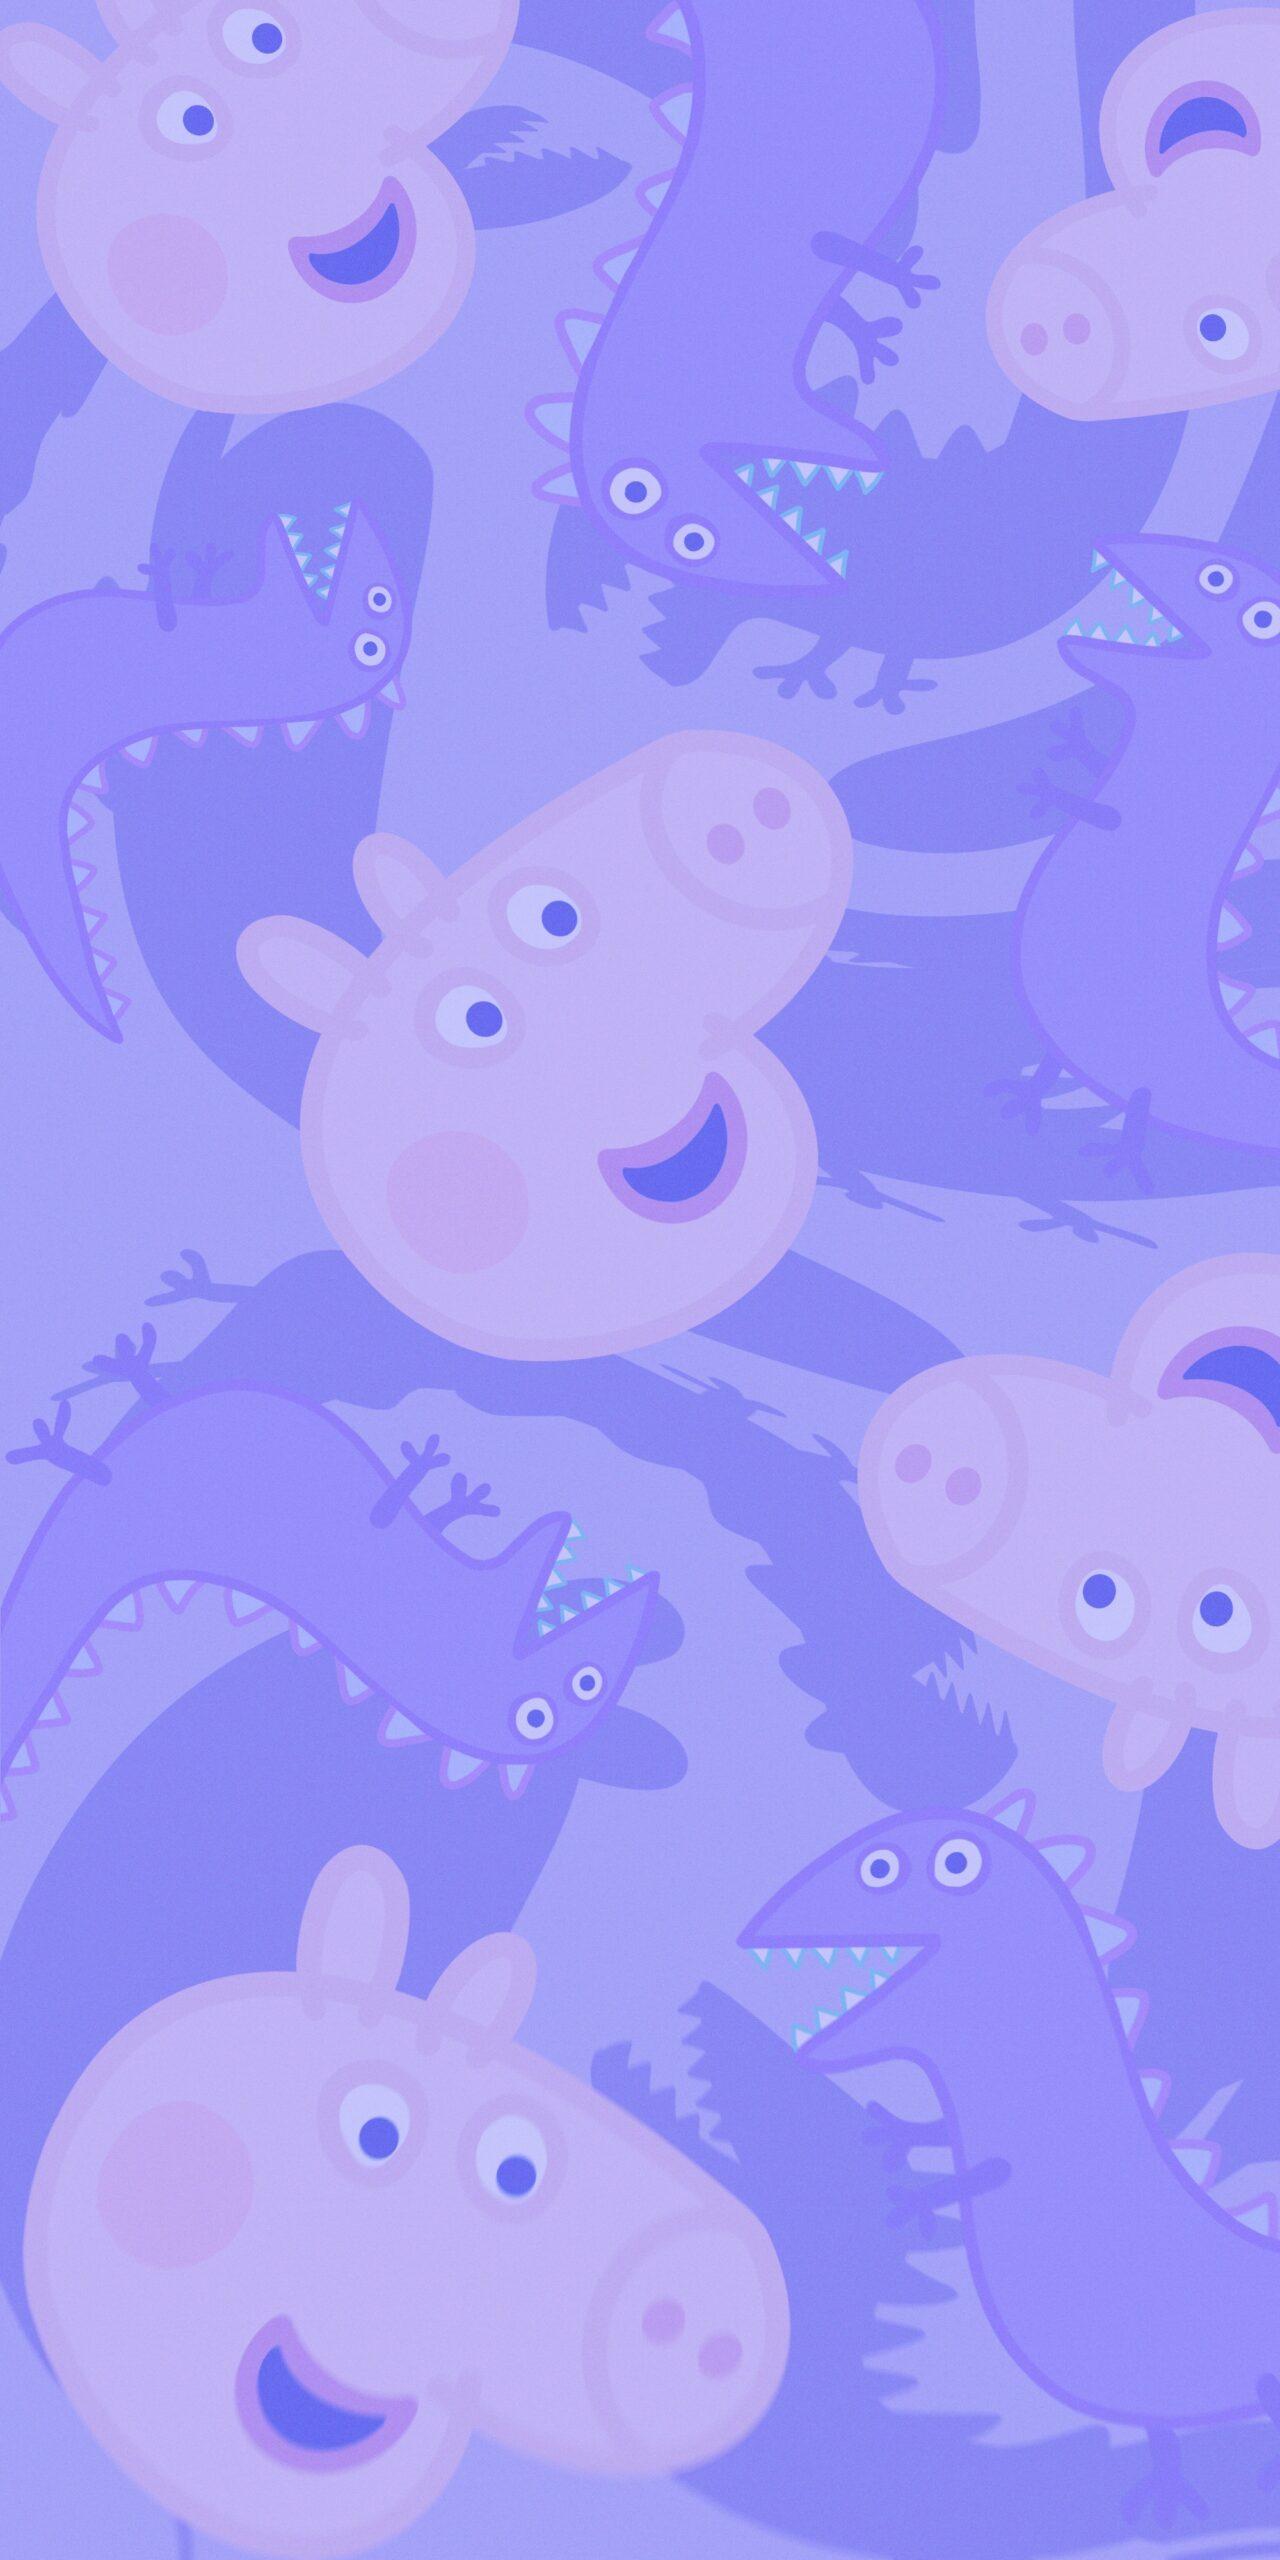 peppa pig george dinosaur purple background wallpaper jpg